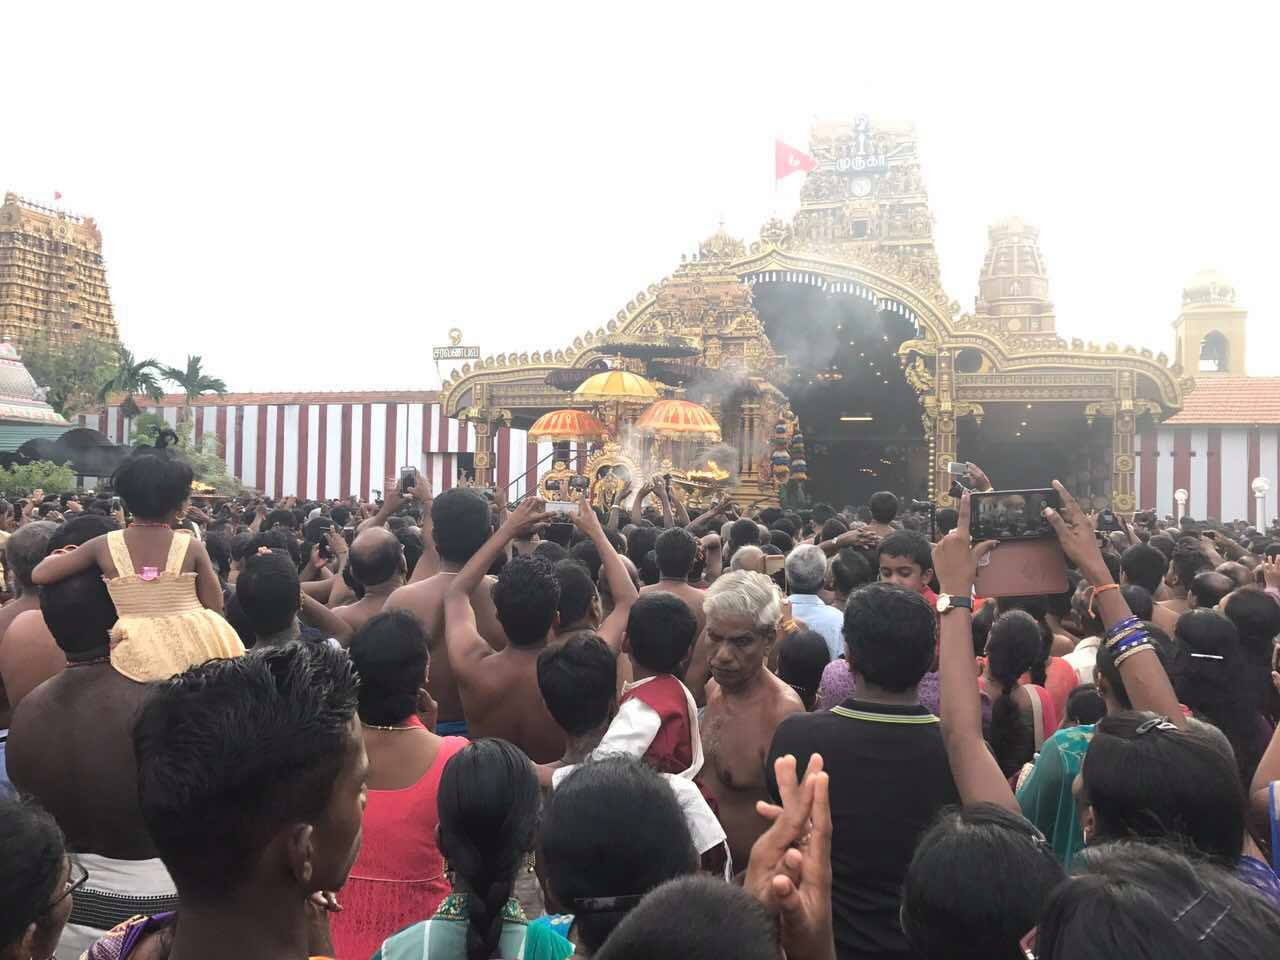 நல்லூர் கந்தசுவாமி மஞ்சத் திருவிழா(06.08.2017)